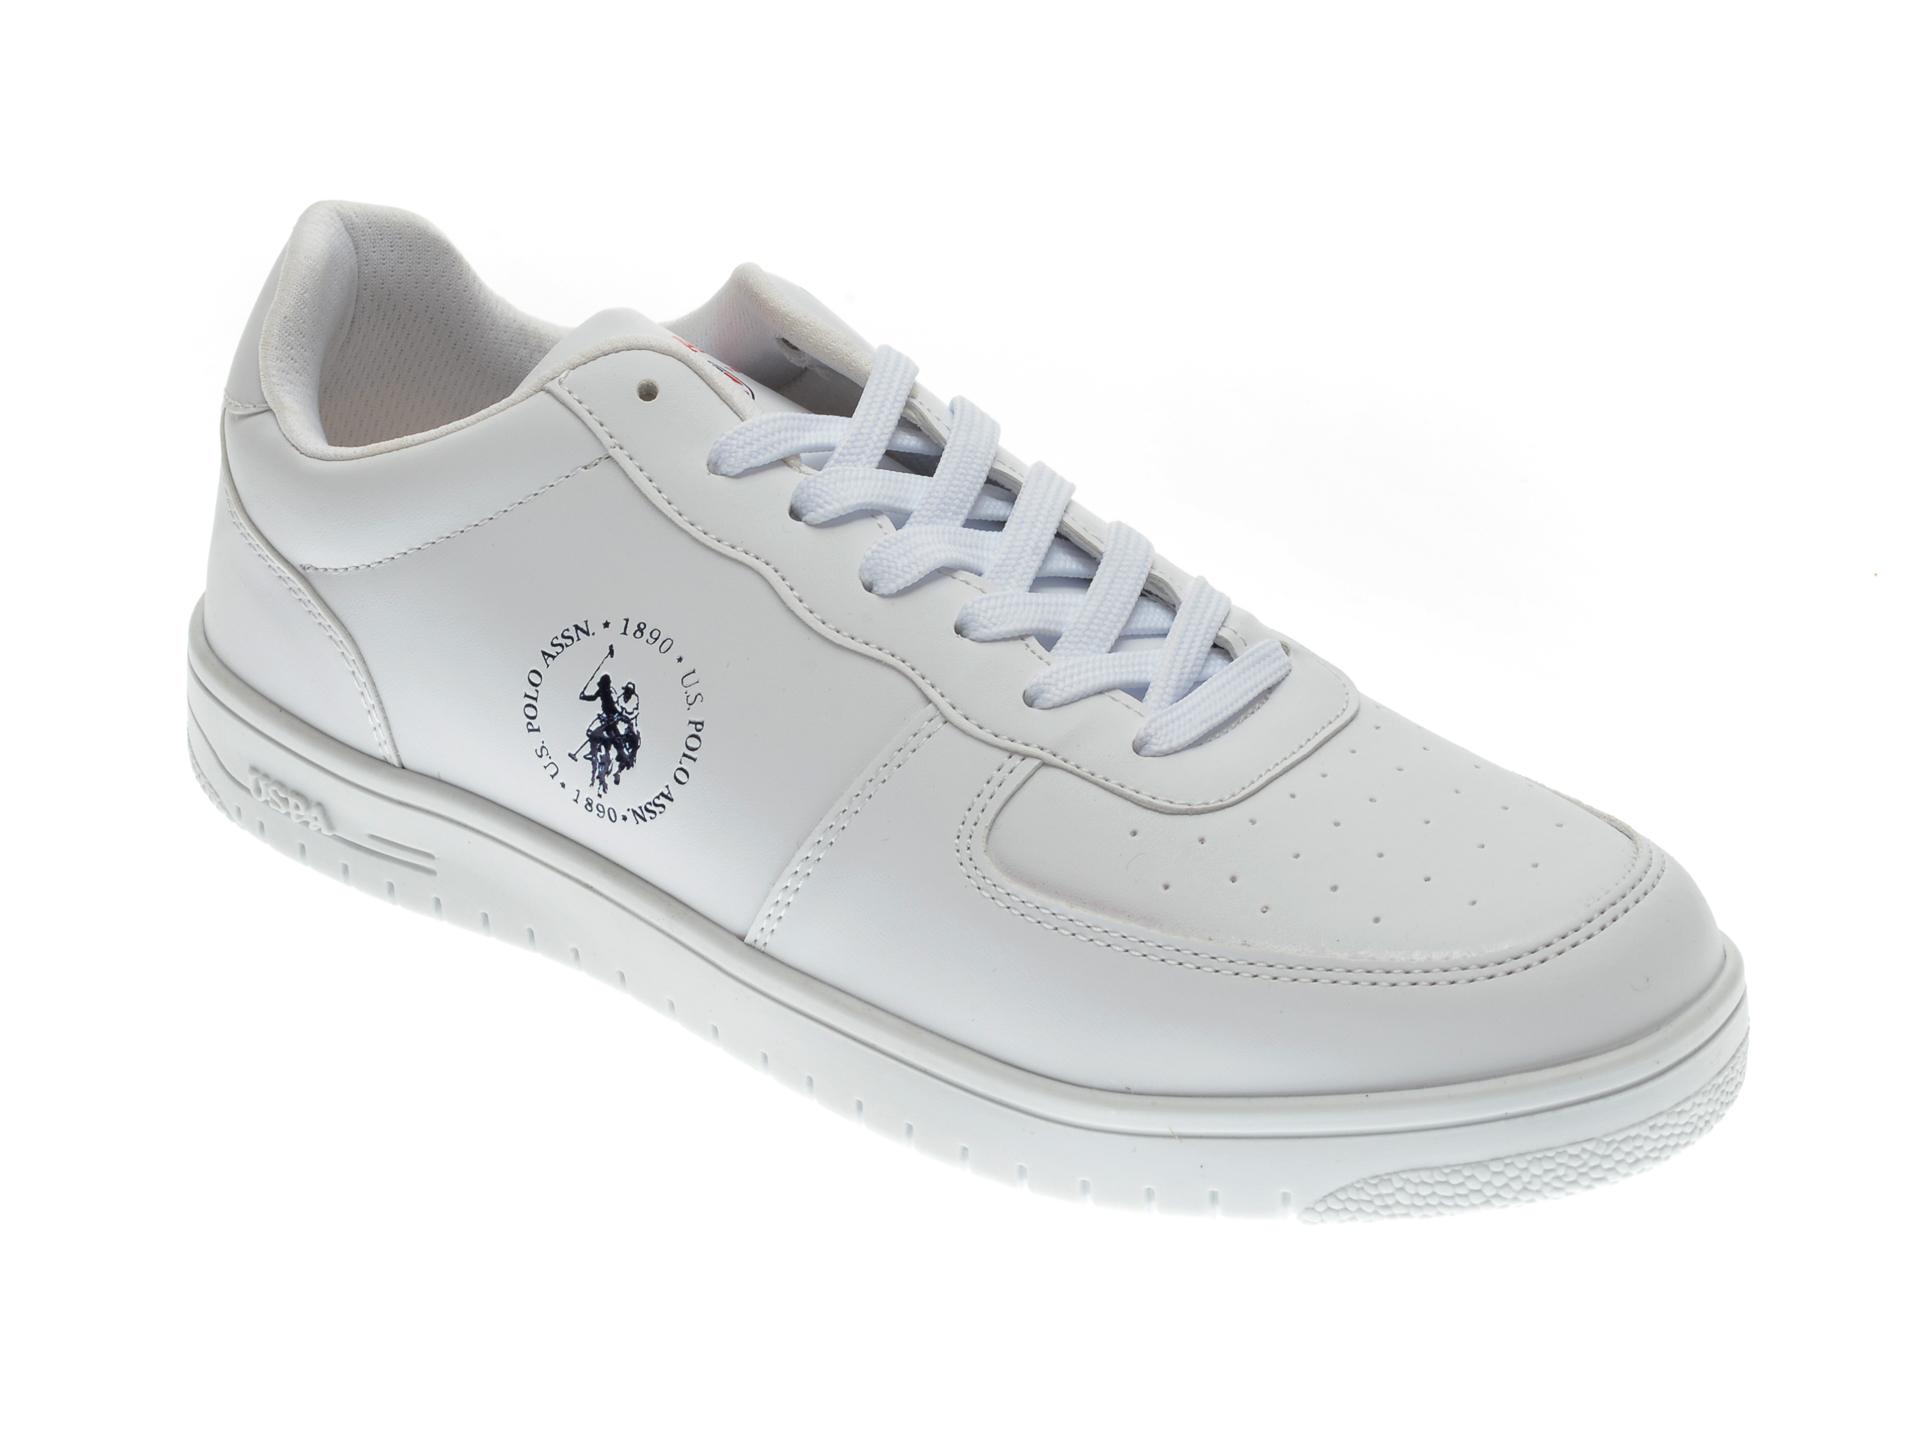 Pantofi sport US POLO ASSN albi, 325940, din piele ecologica imagine